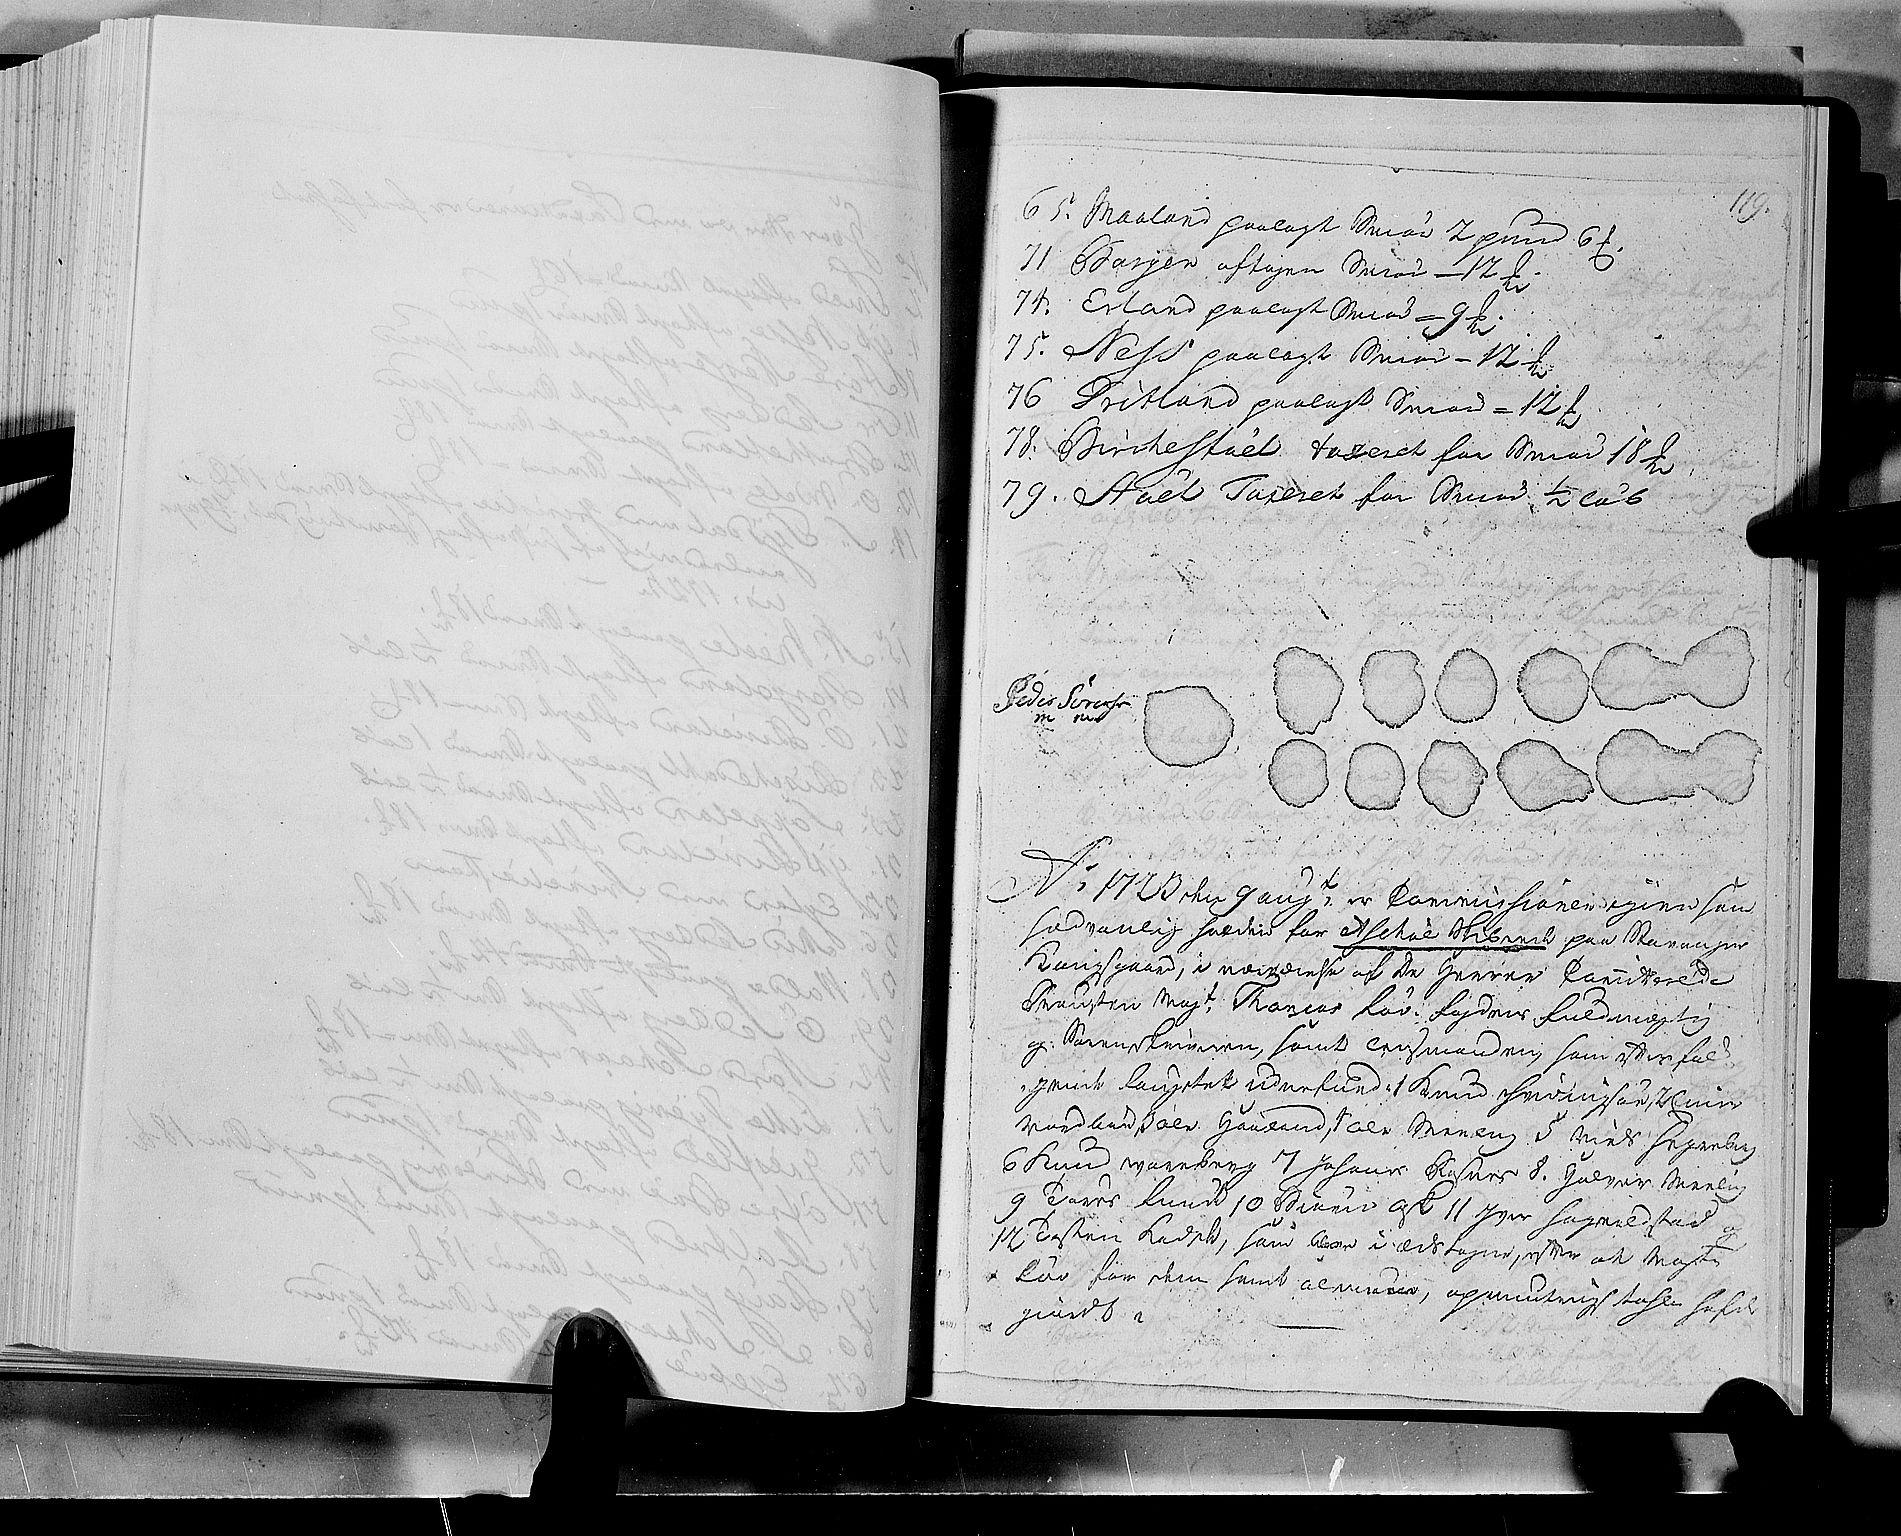 RA, Rentekammeret inntil 1814, Realistisk ordnet avdeling, N/Nb/Nbf/L0133a: Ryfylke eksaminasjonsprotokoll, 1723, s. 119a